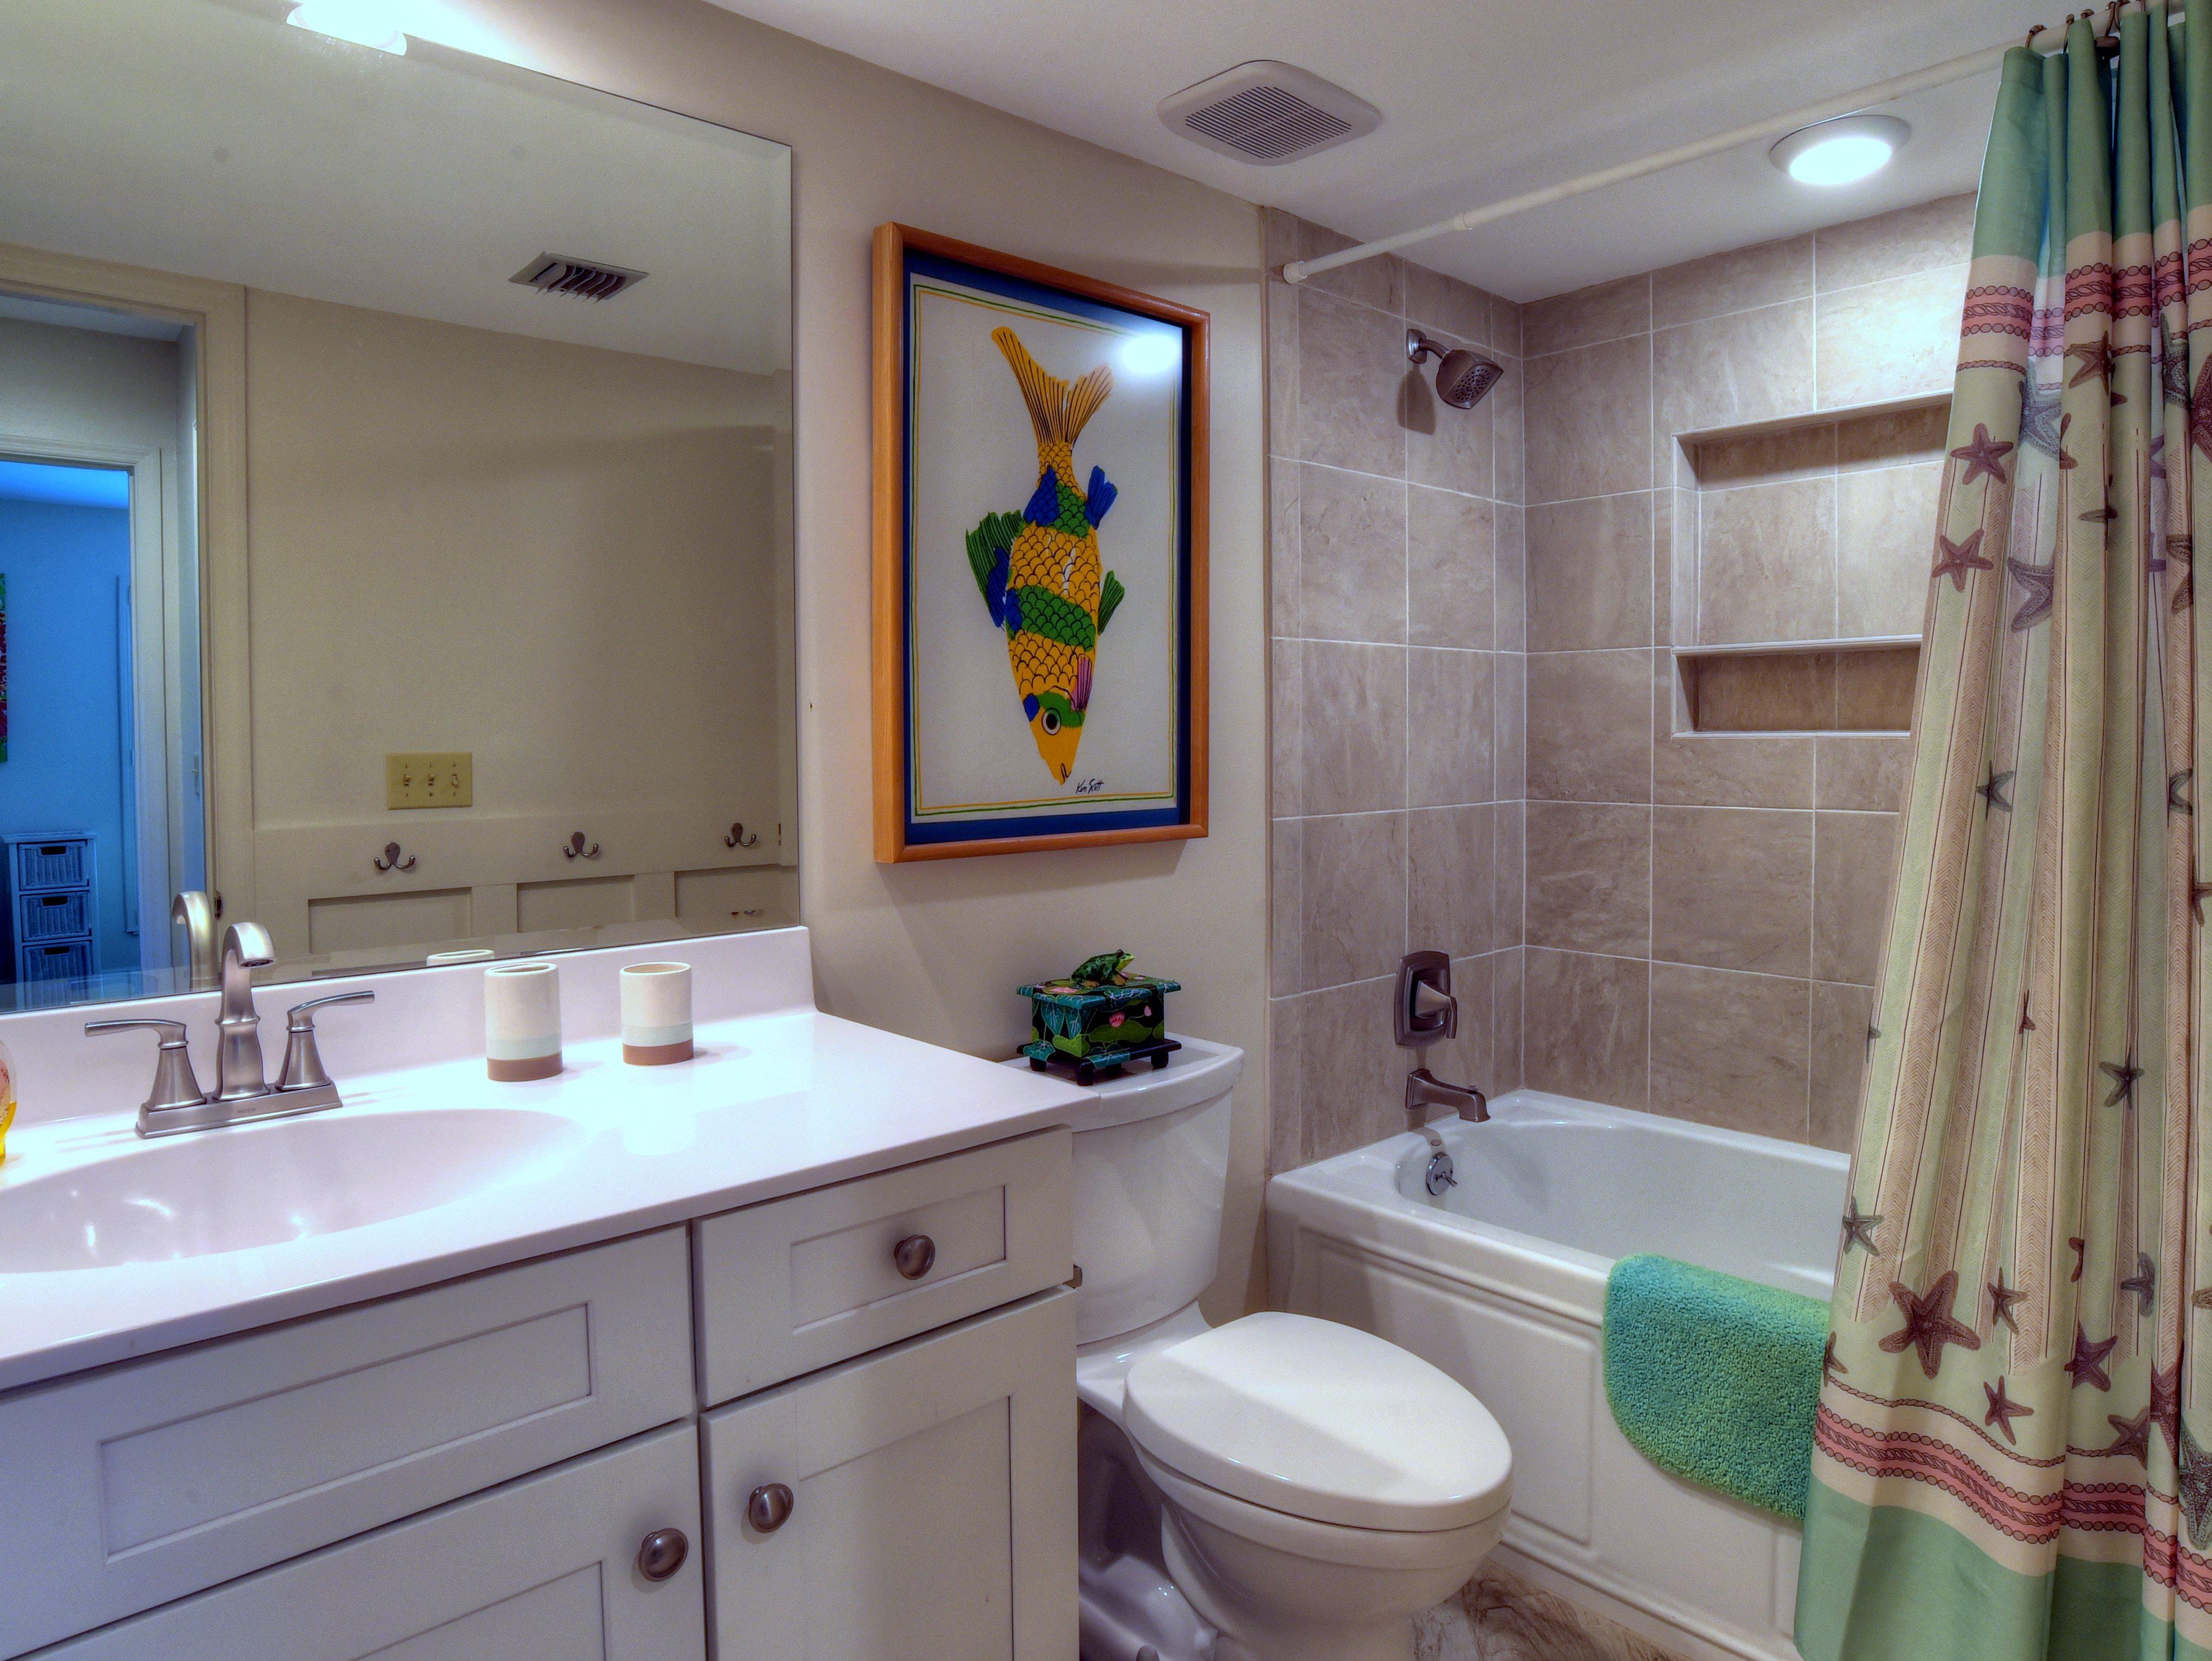 205 Fairways Condo rental in Sandestin Rentals ~ Cottages and Villas  in Destin Florida - #14